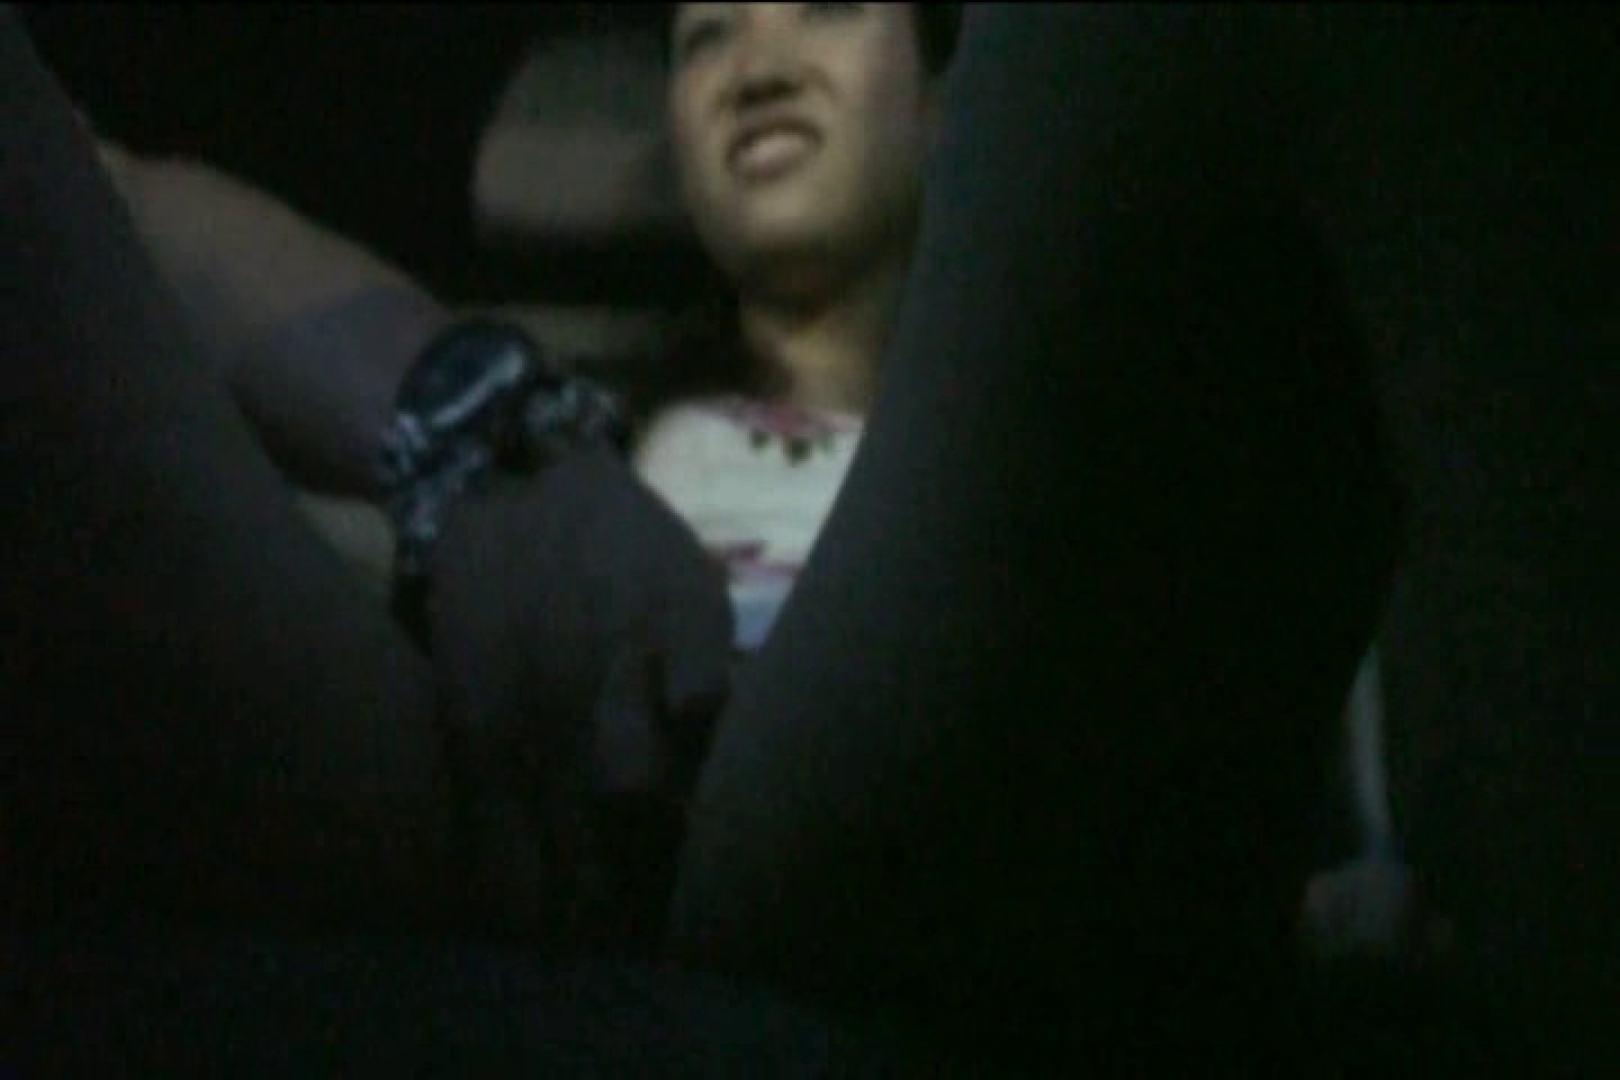 車内で初めまして! vol01 OLのエロ生活   盗撮  105連発 57